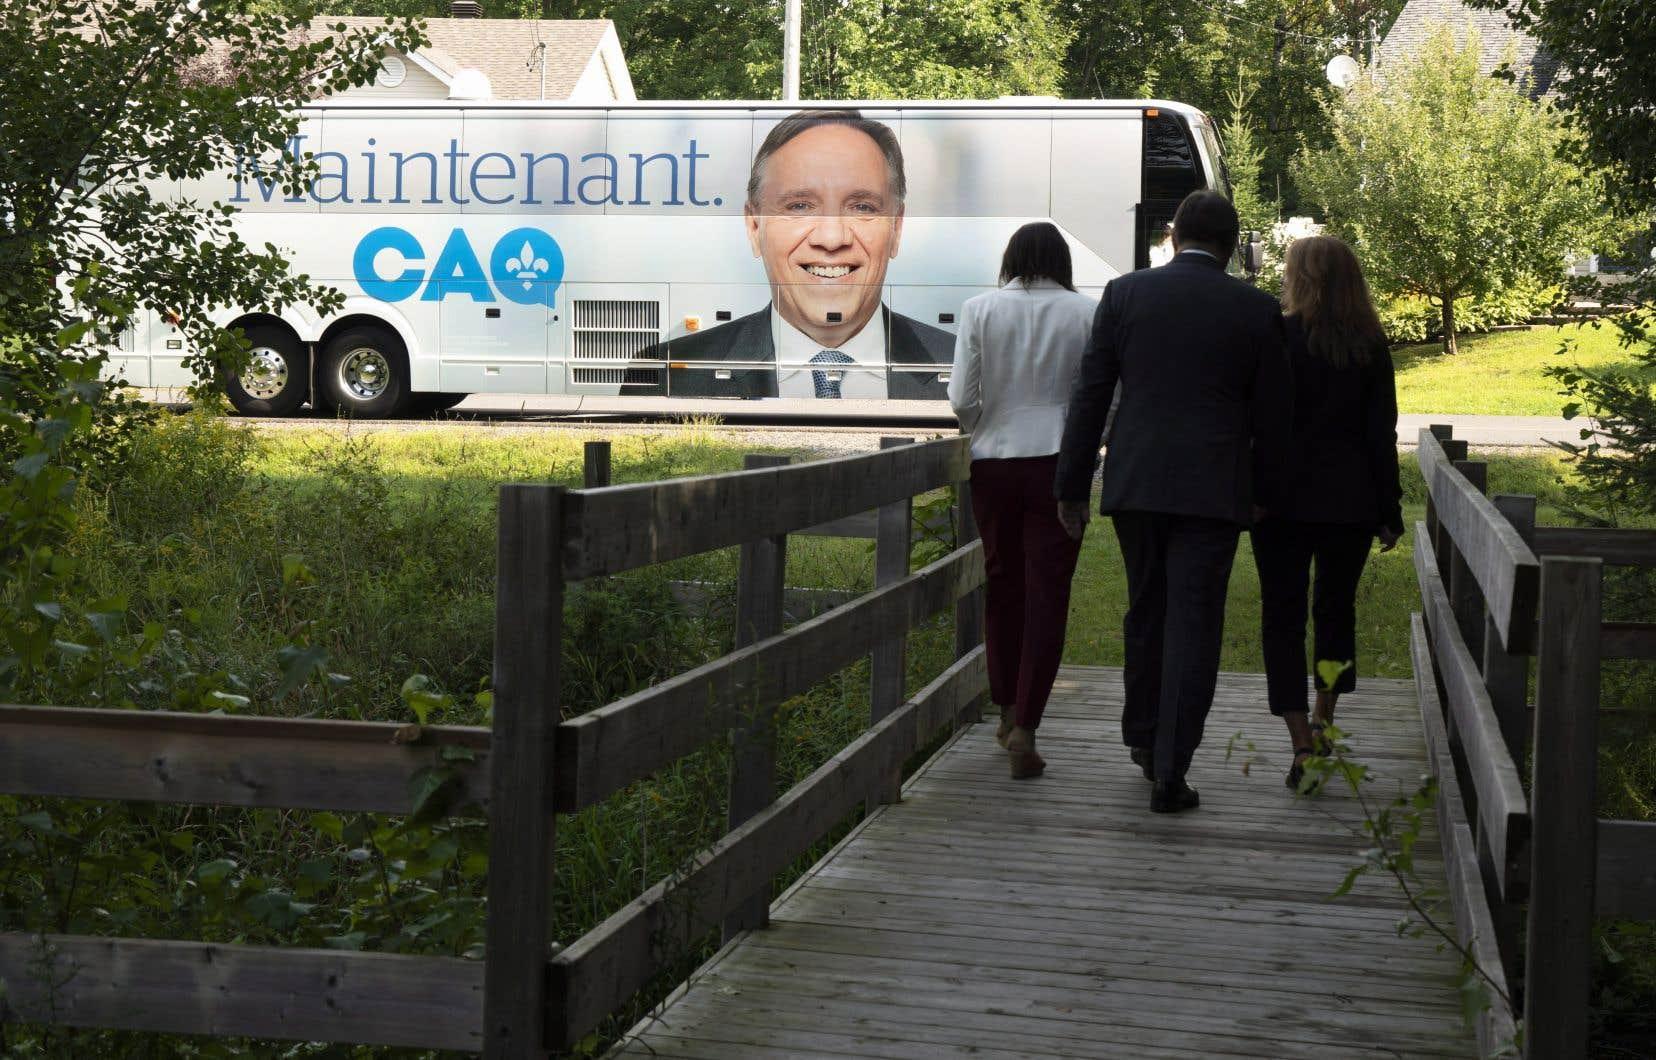 Le chef de la Coalition avenir Québec, François Legault, et les candidats locaux, Isabelle Charest, à gauche, et Geneviève Hébert se dirigeant vers l'autobus de campagne lors d'un arrêt de campagne à Bromont, au Québec, le lundi 27 août 2018